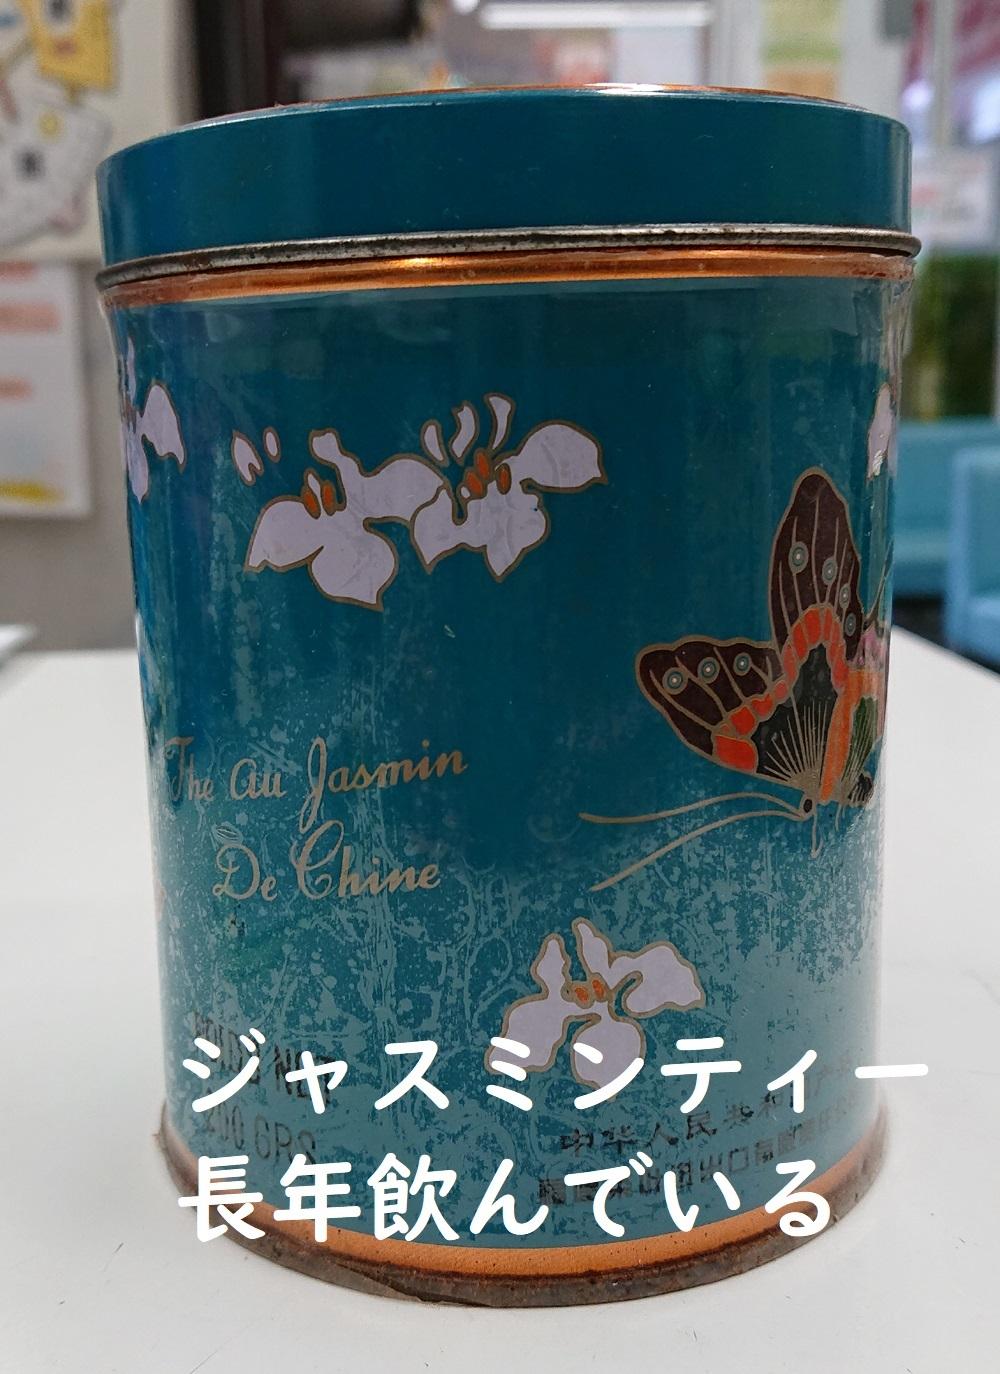 ジャスミンの花の薬効など_d0096268_23283542.jpg